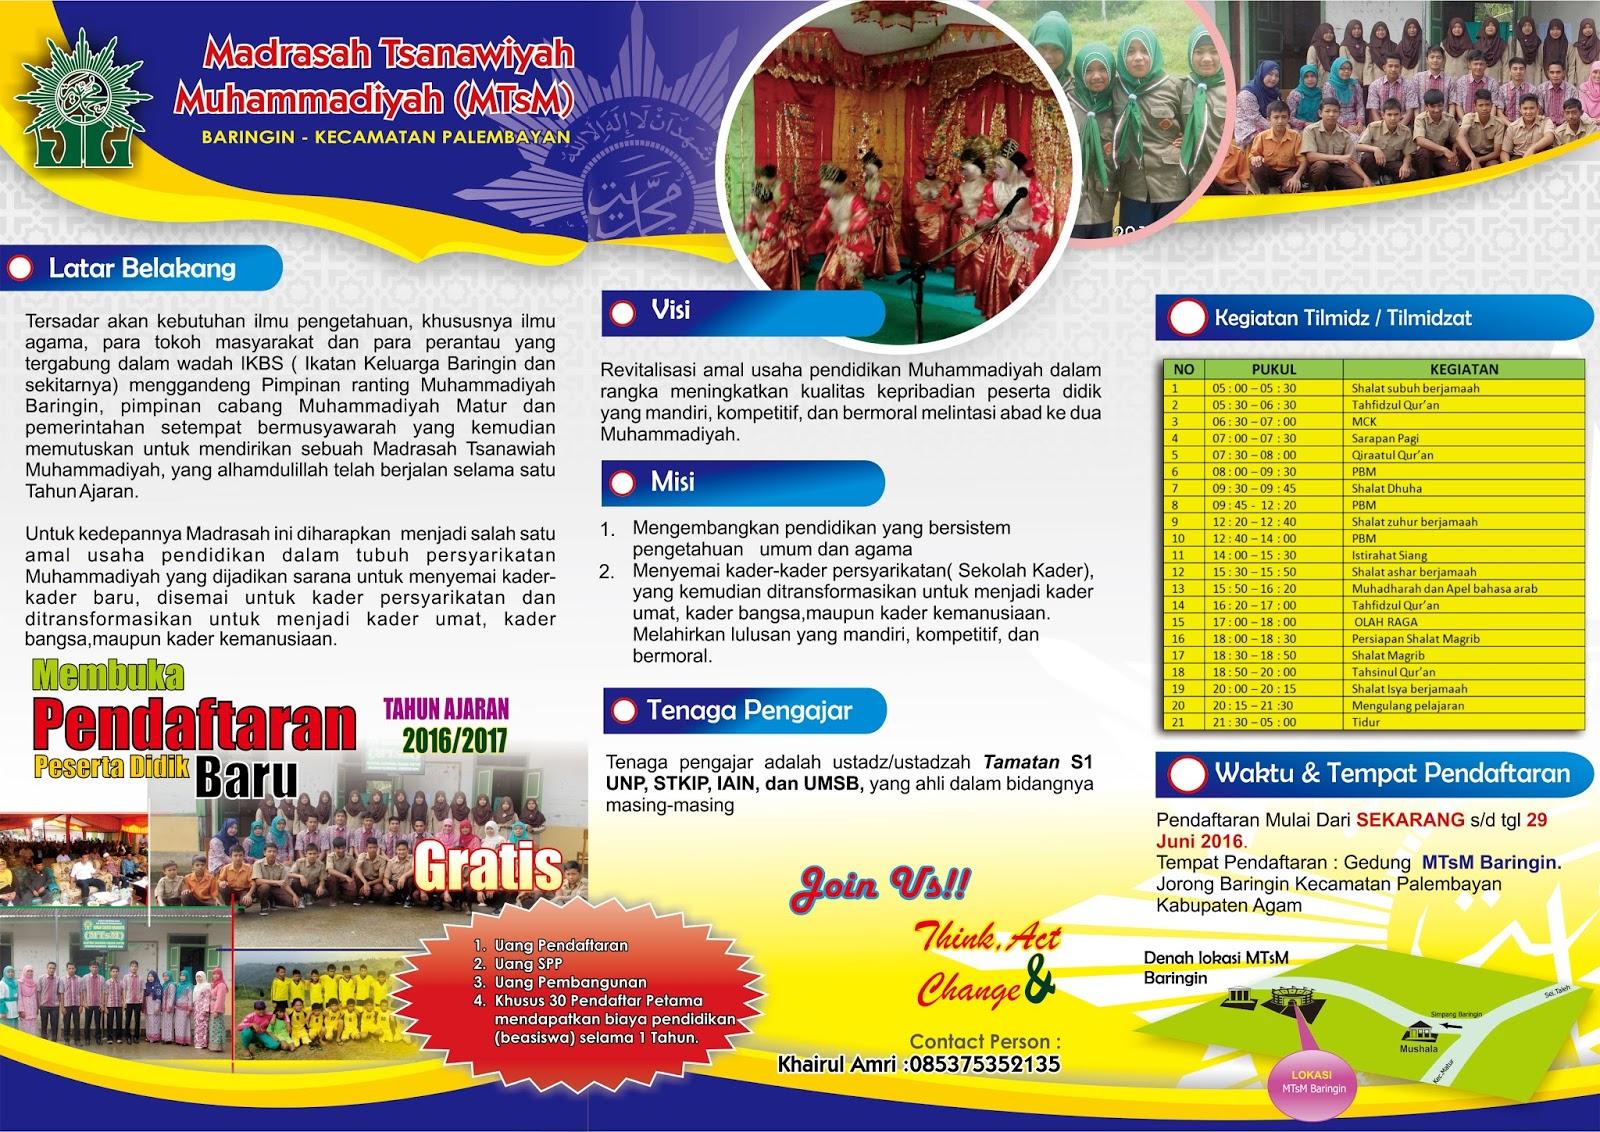 Download Desain Brosur Promosi Untuk Madrasah Dan Sekolah